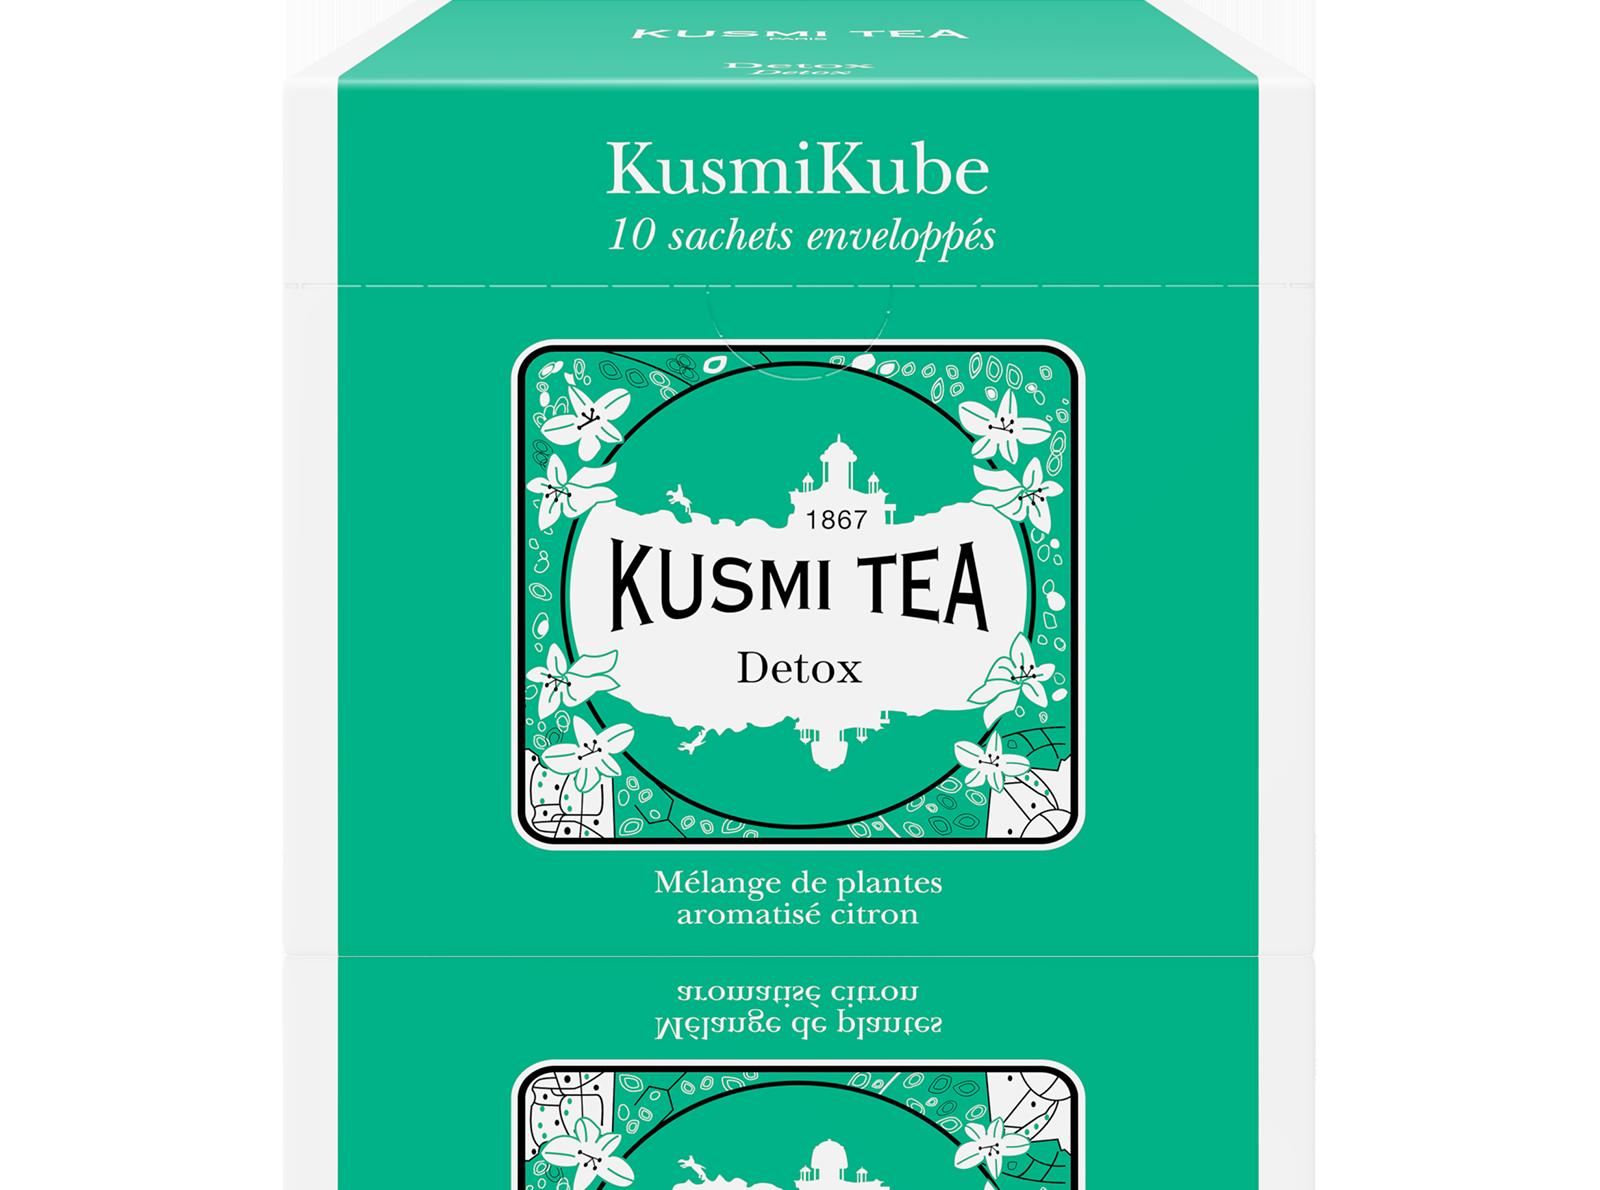 Thé vert, maté - Detox - Sachets - Kusmi Tea